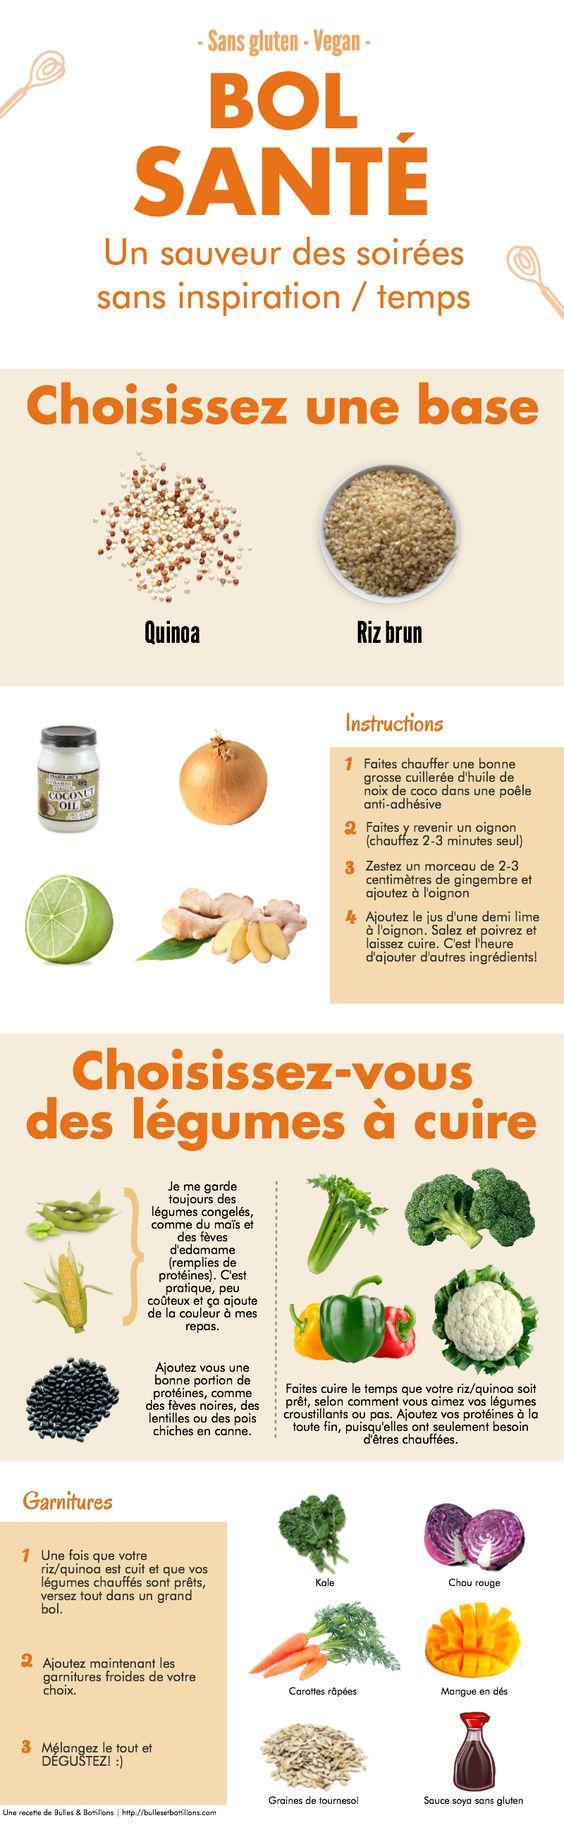 Recette rapide de bol sant vegan et sans gluten for Astuces cuisine rapide